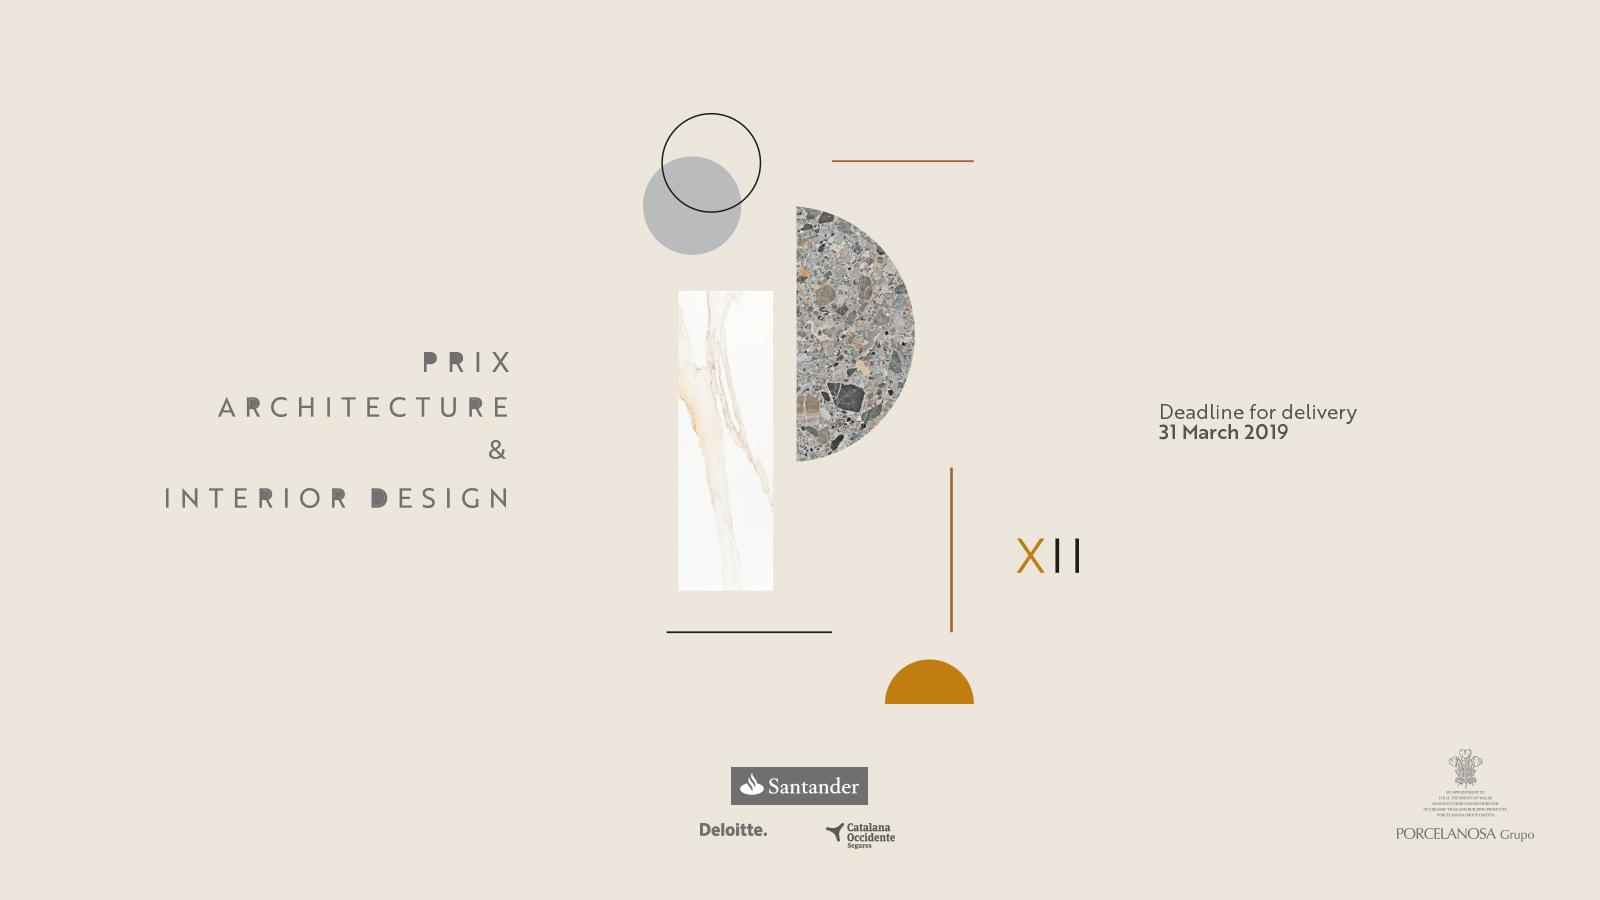 concursos de diseño 2019, design challenge 2019 Porcelanosa. Premios interiorismo y arquitectura